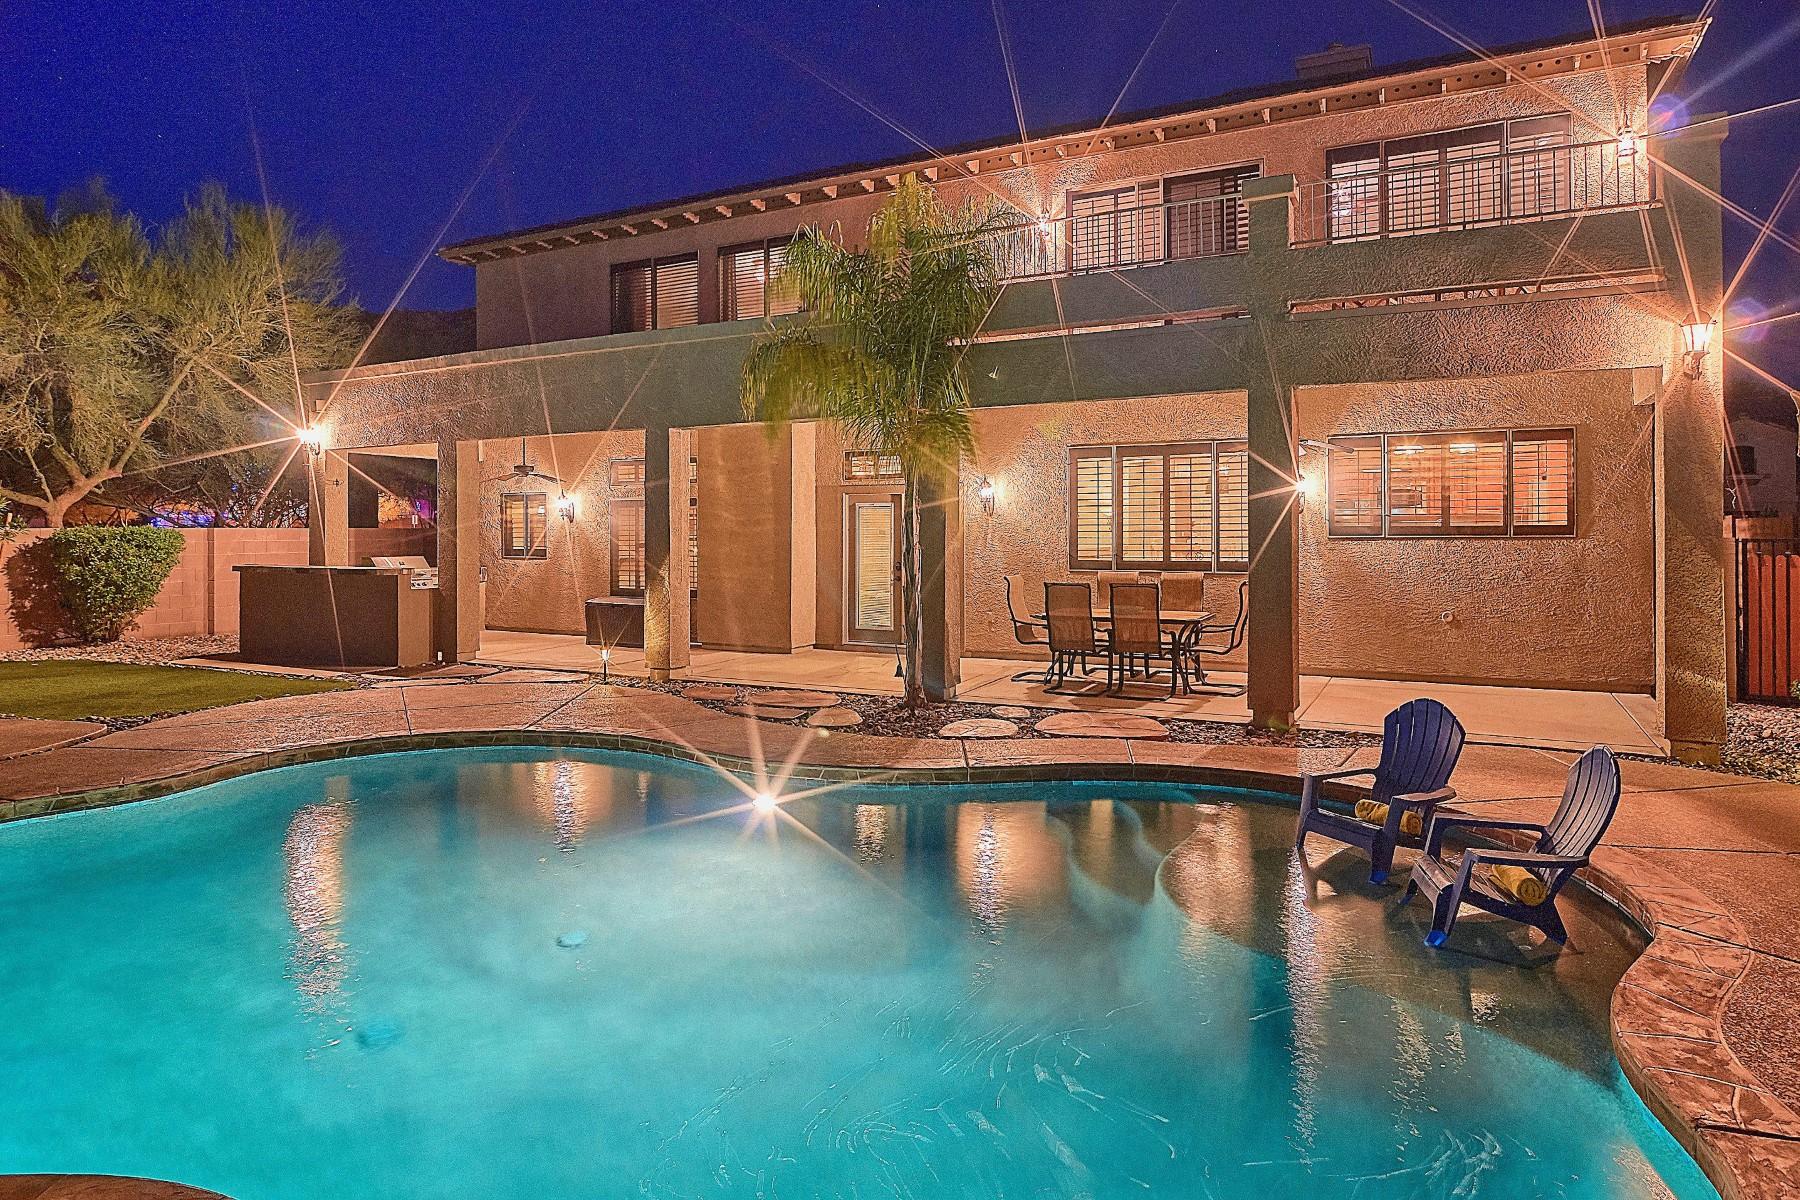 独户住宅 为 销售 在 Gorgeous home in Amber Hills 34312 N 23rd Ln 菲尼克斯(凤凰城), 亚利桑那州, 85085 美国